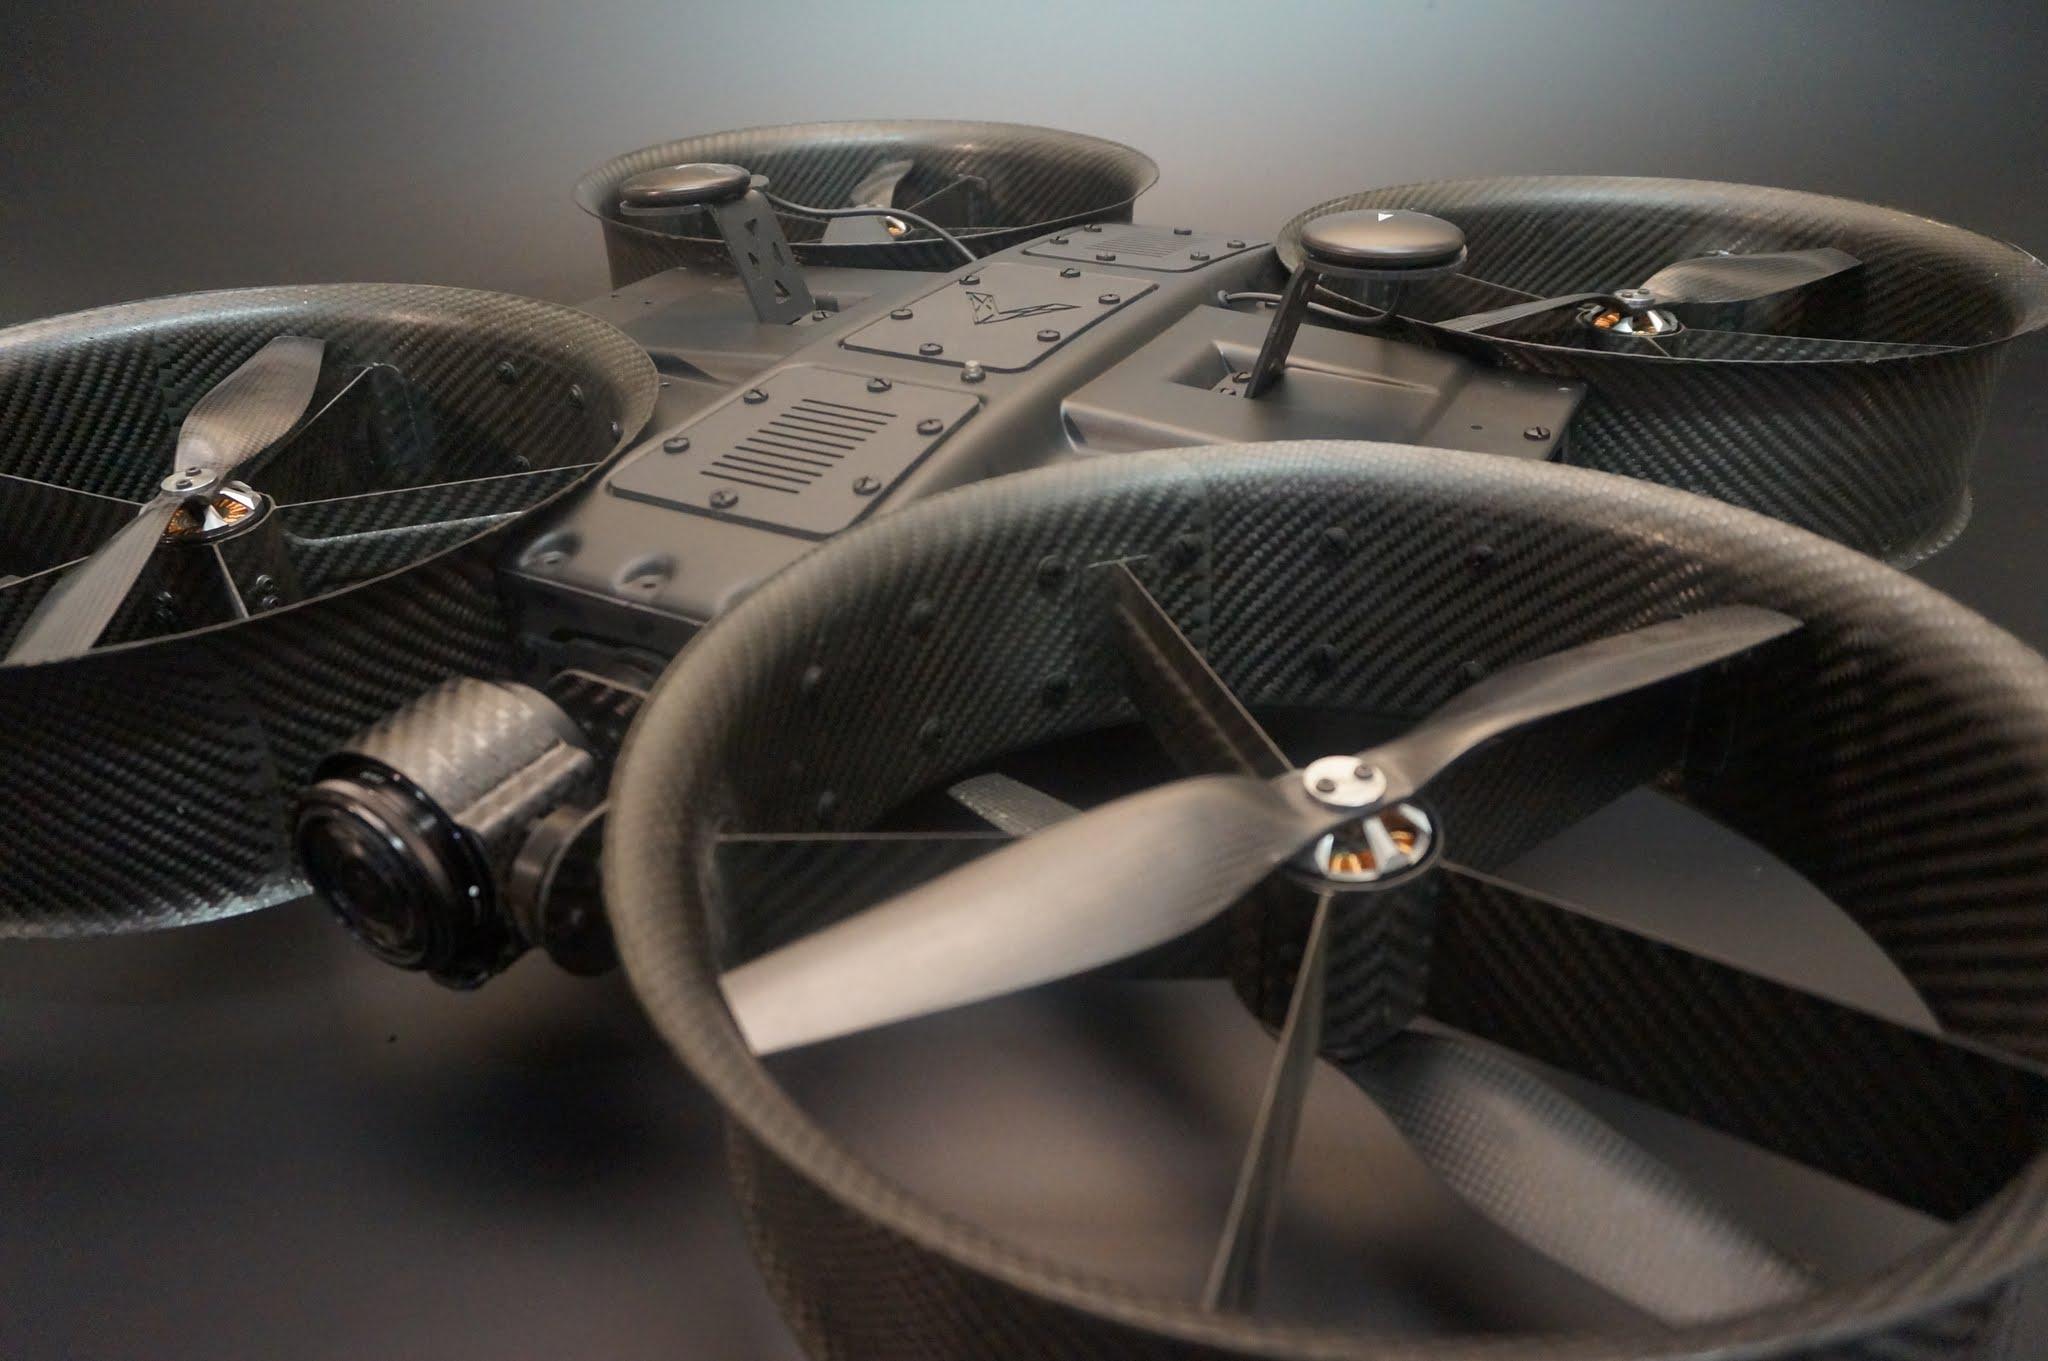 AeroTestra MK10 Ducted Multi Rotor Aircraft — AeroTestra